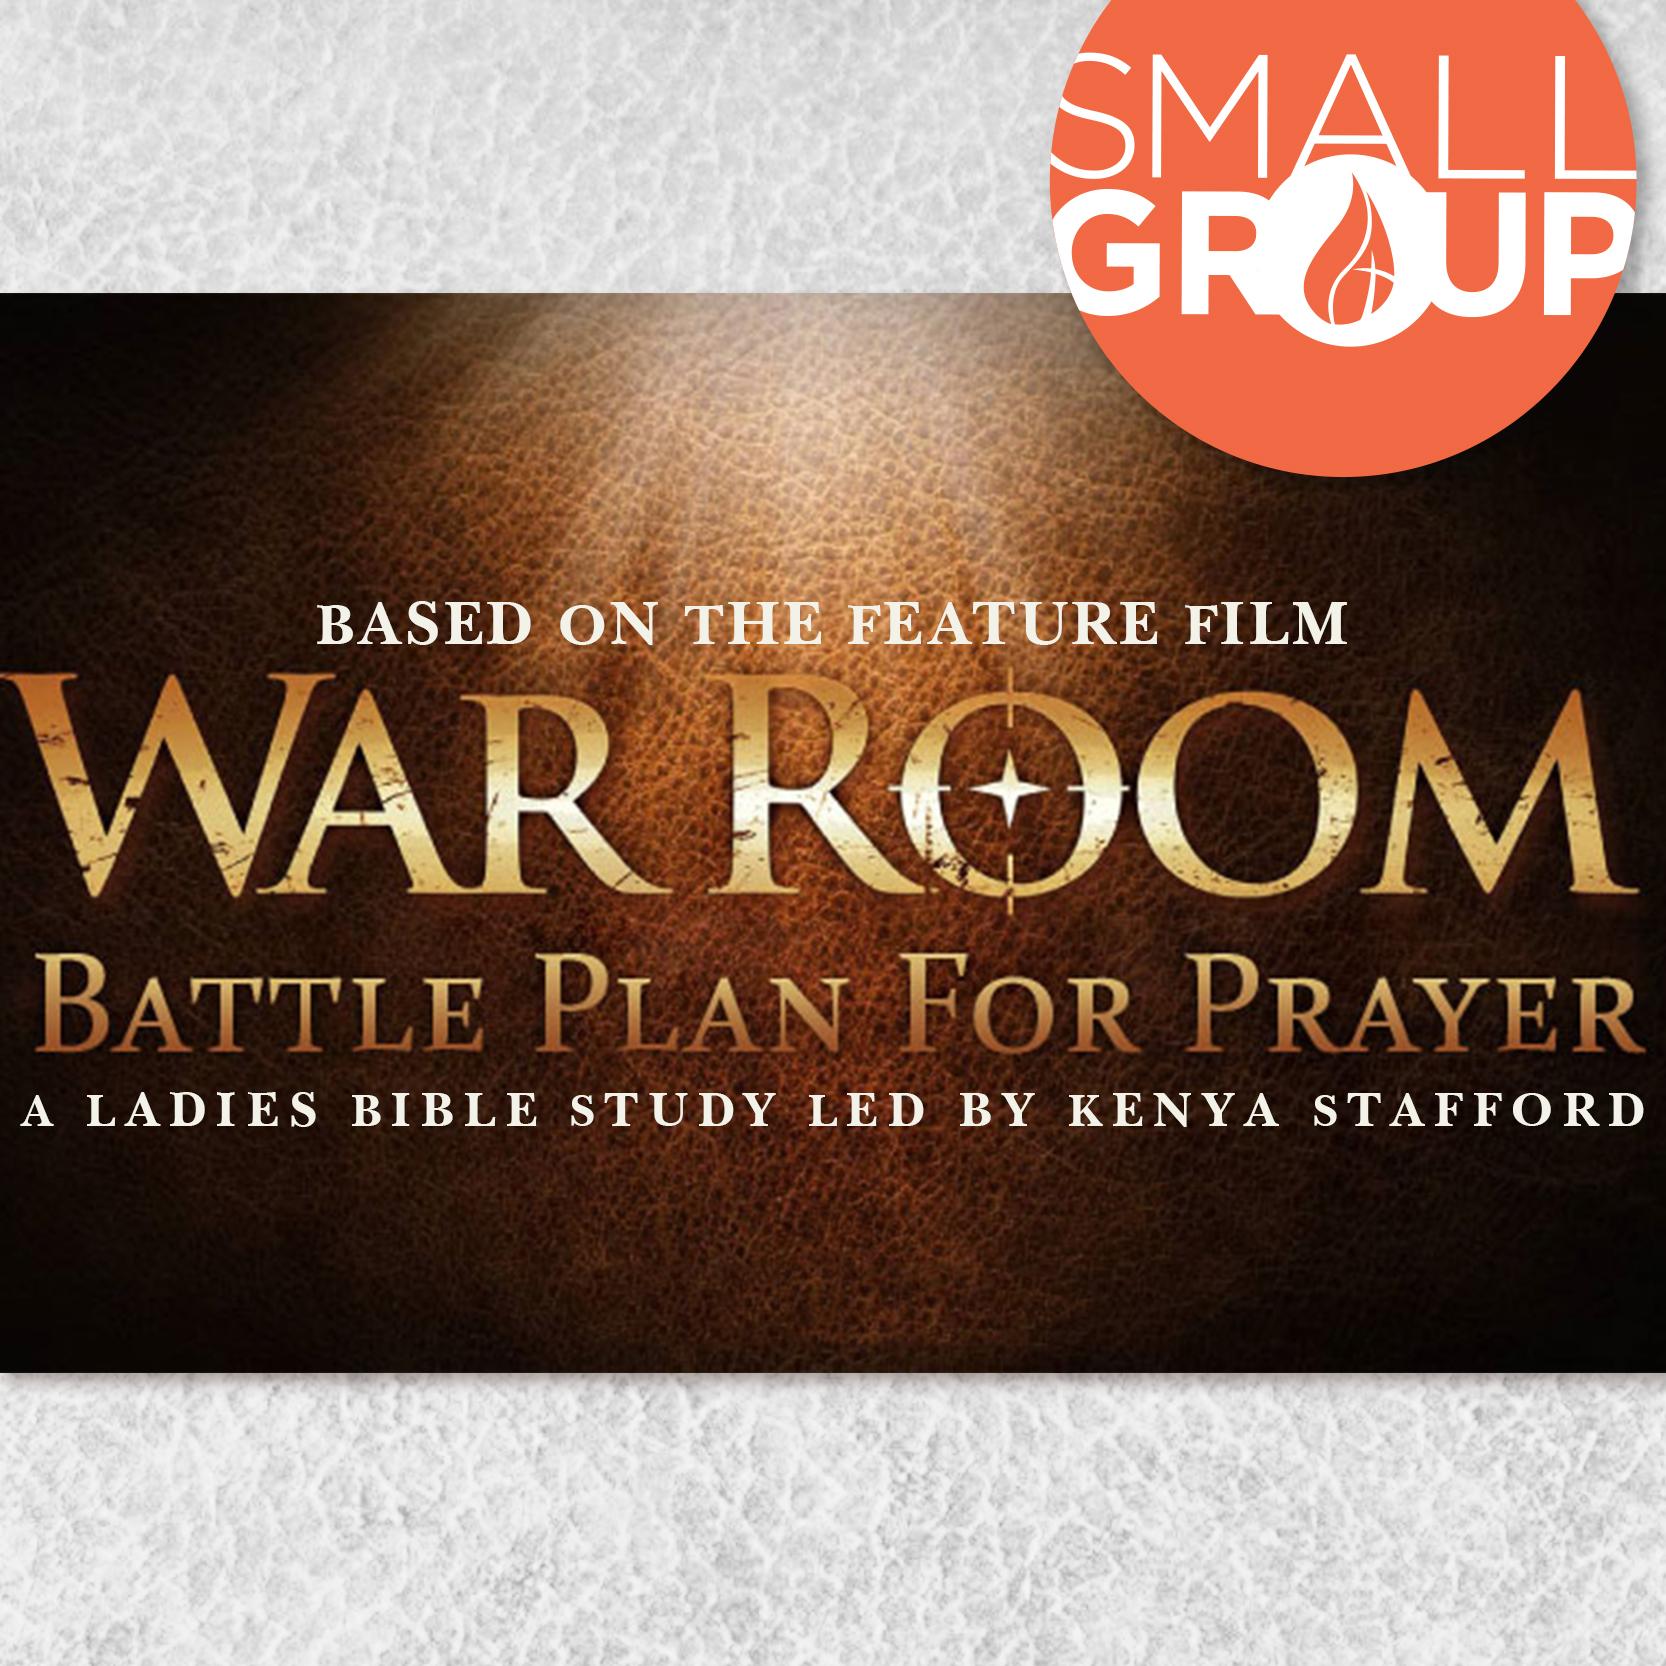 Battle plan for prayer registration